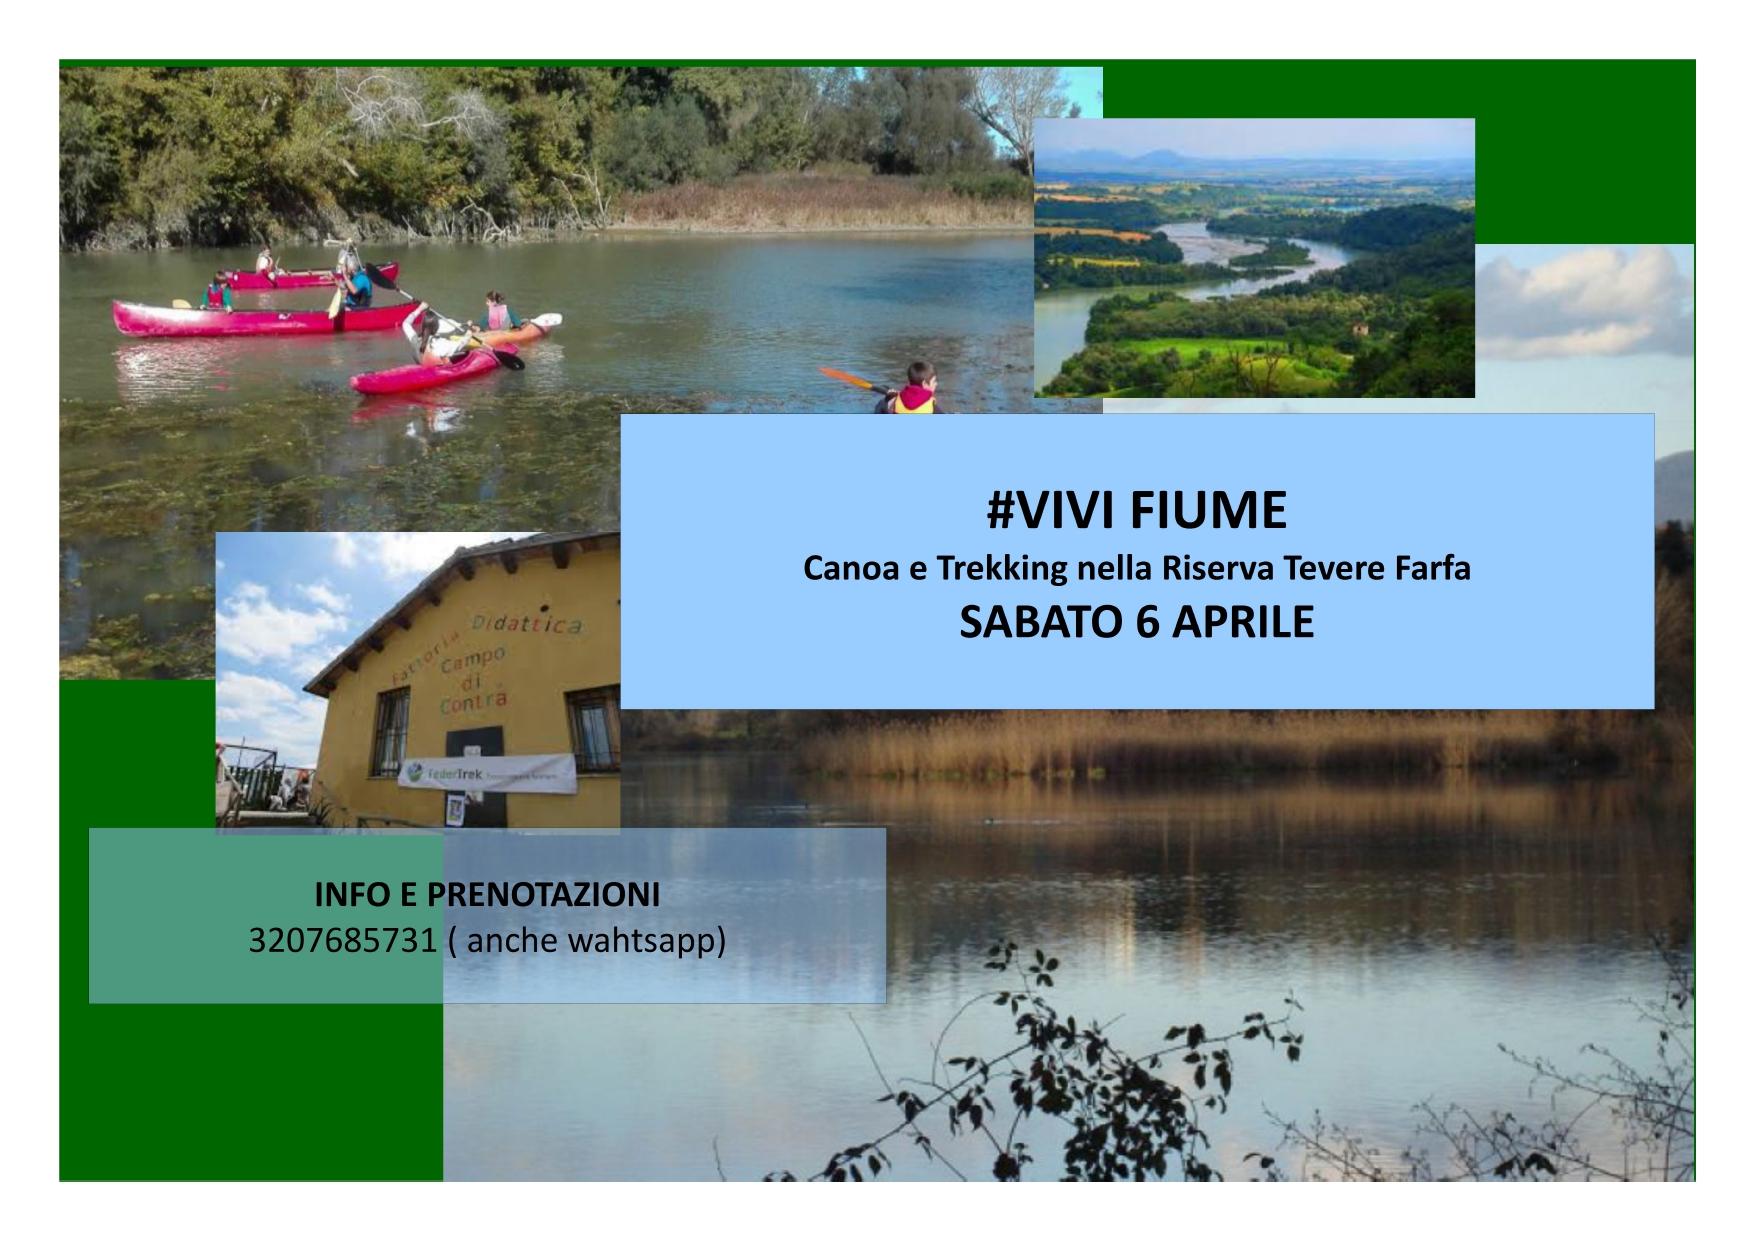 Vivi Fiume: canoa e trekking nella Riserva Nazzano Tevere Farfa - eventi in sabina